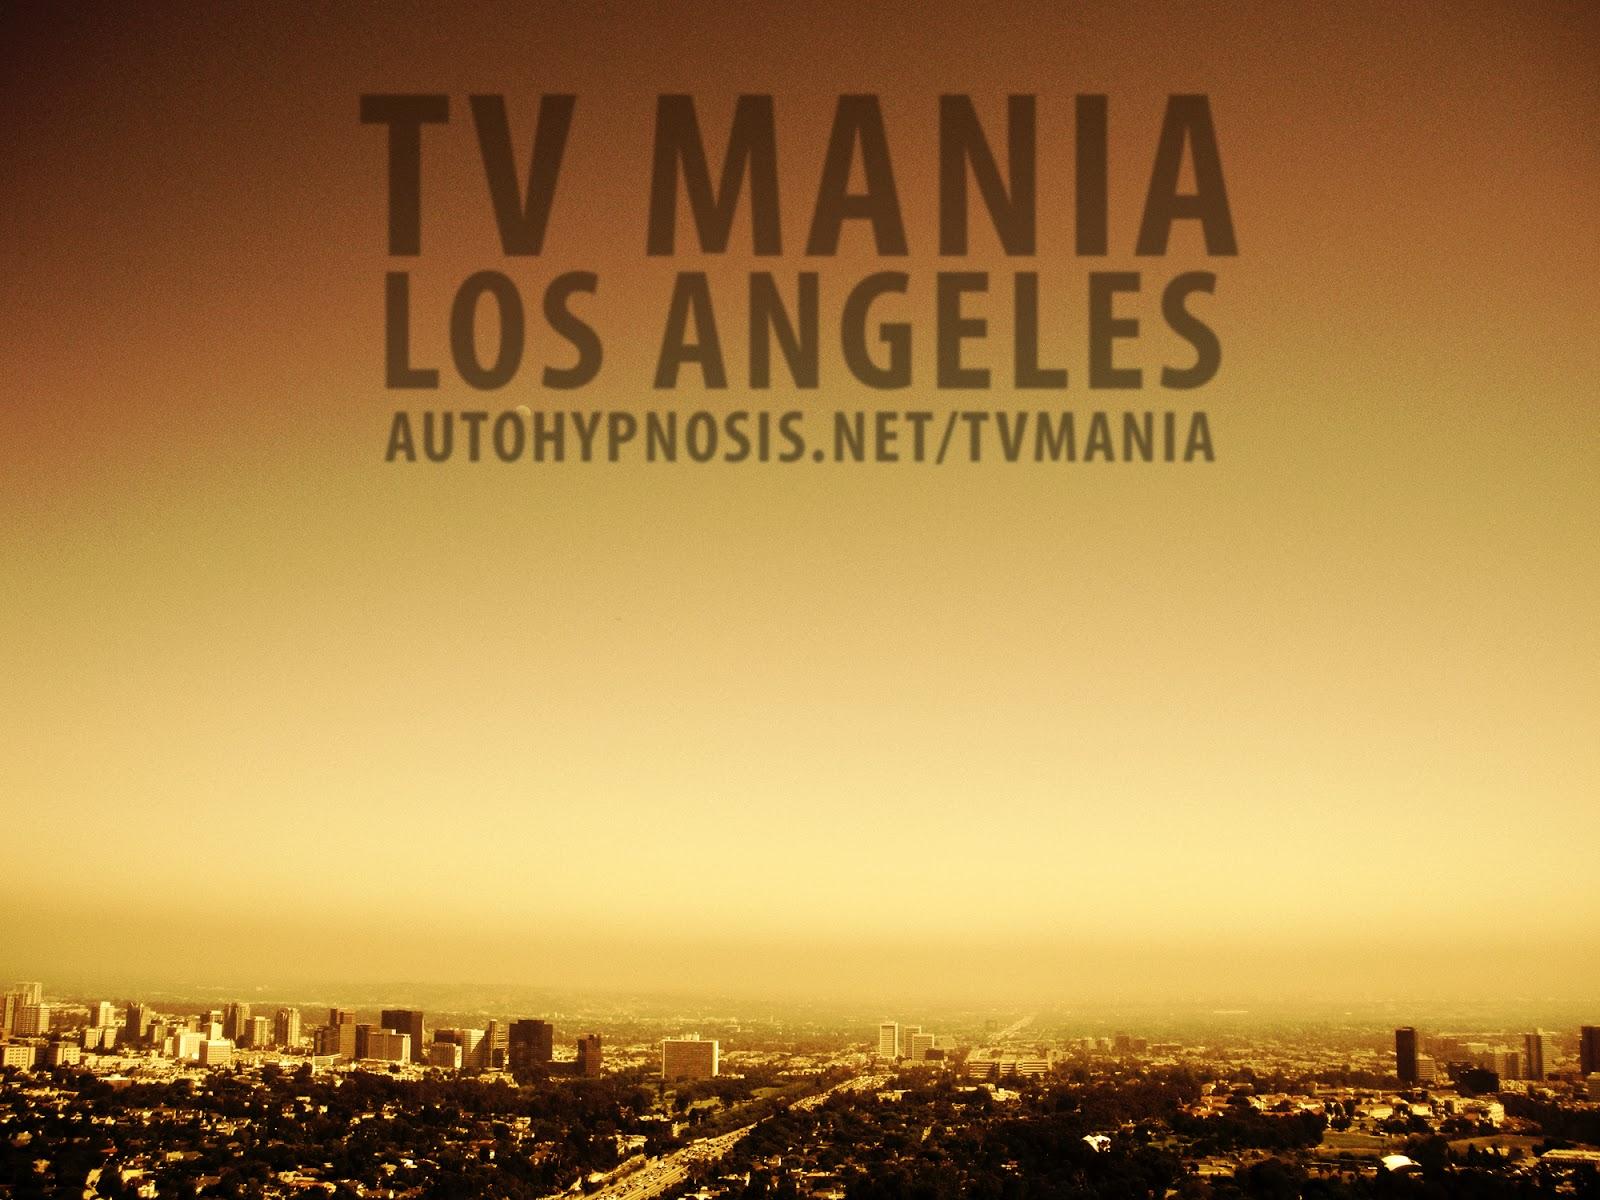 TV Mania Los Angeles